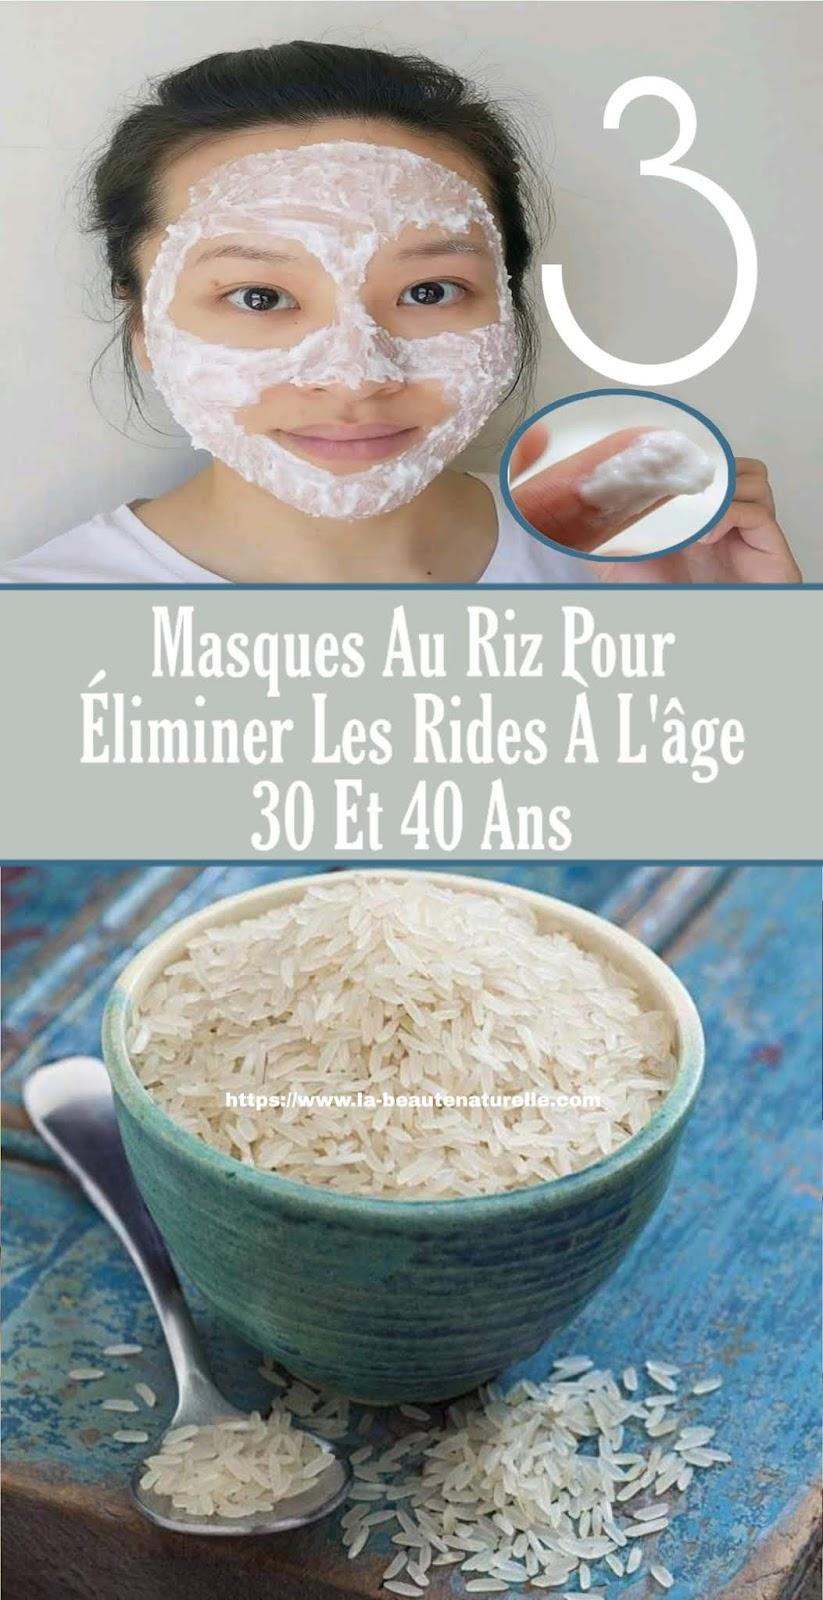 3 Masques Au Riz Pour Éliminer Les Rides À L'âge 30 Et 40 Ans